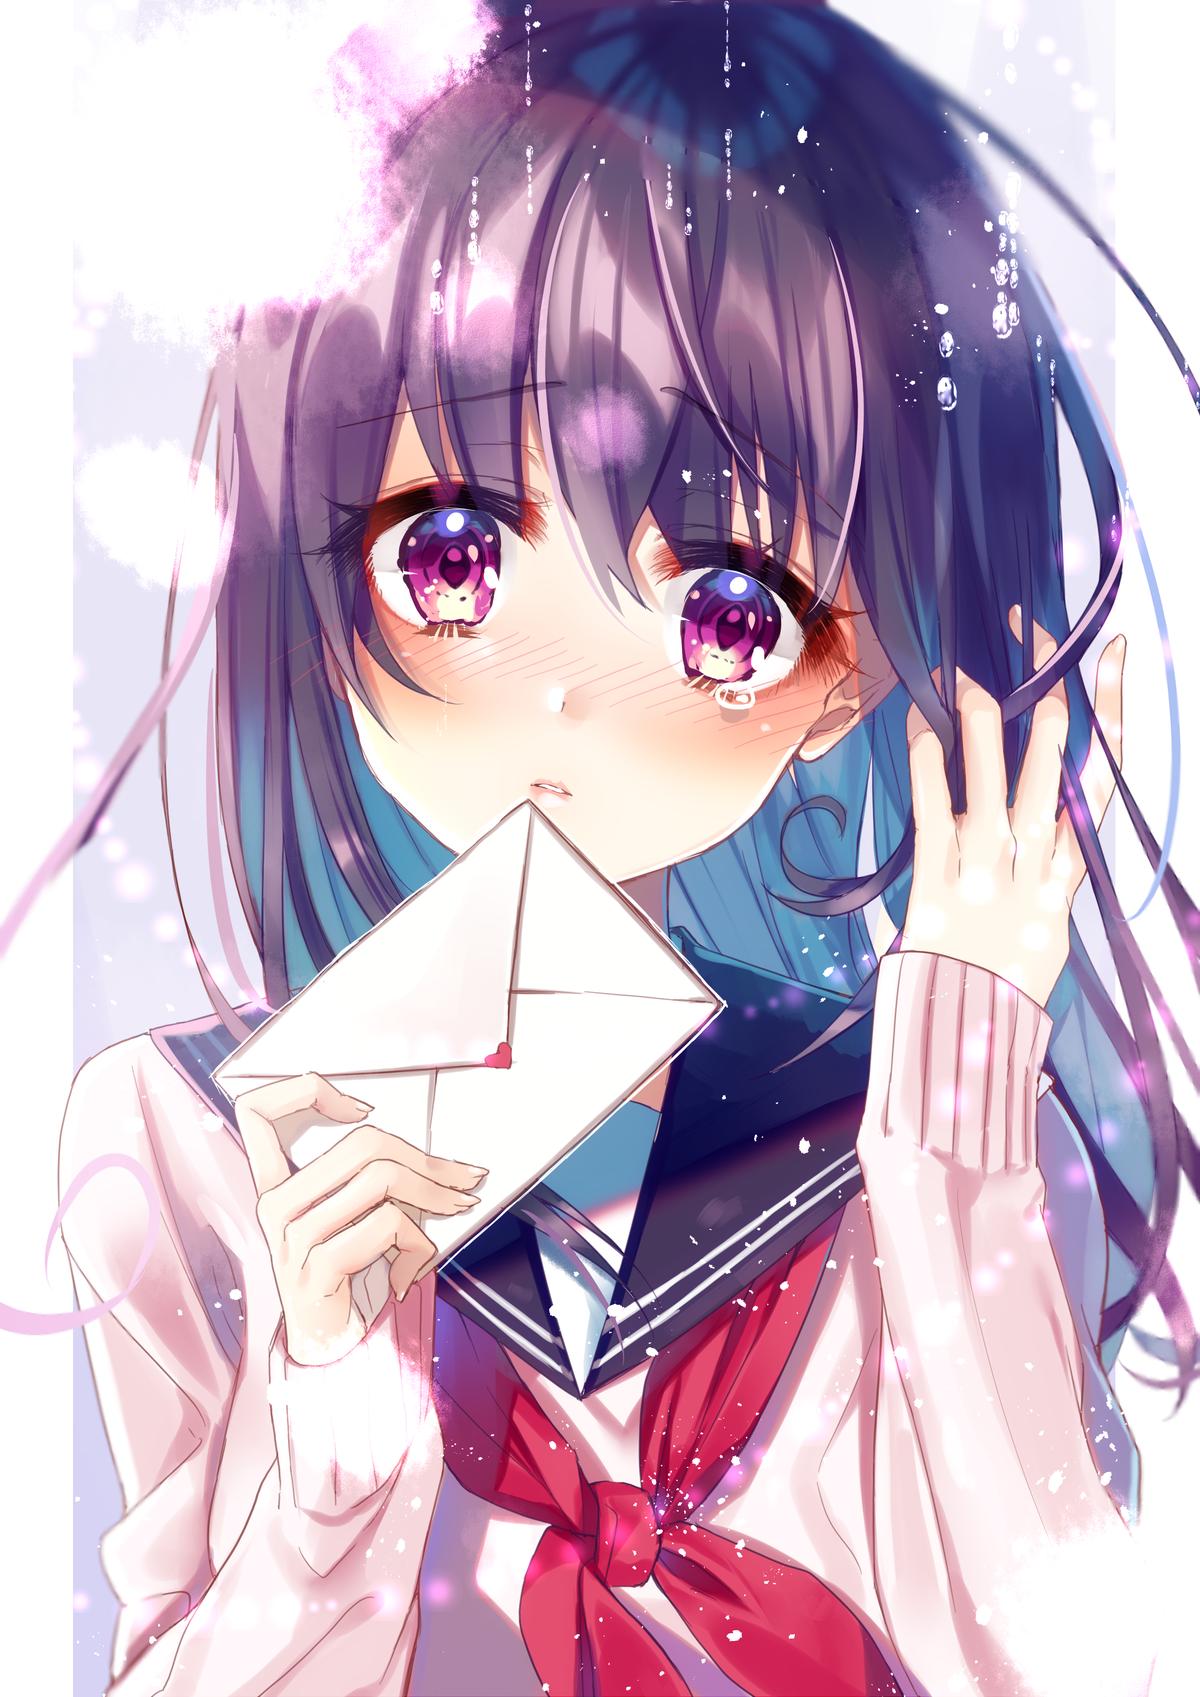 Картинки аниме девочек на аватарку